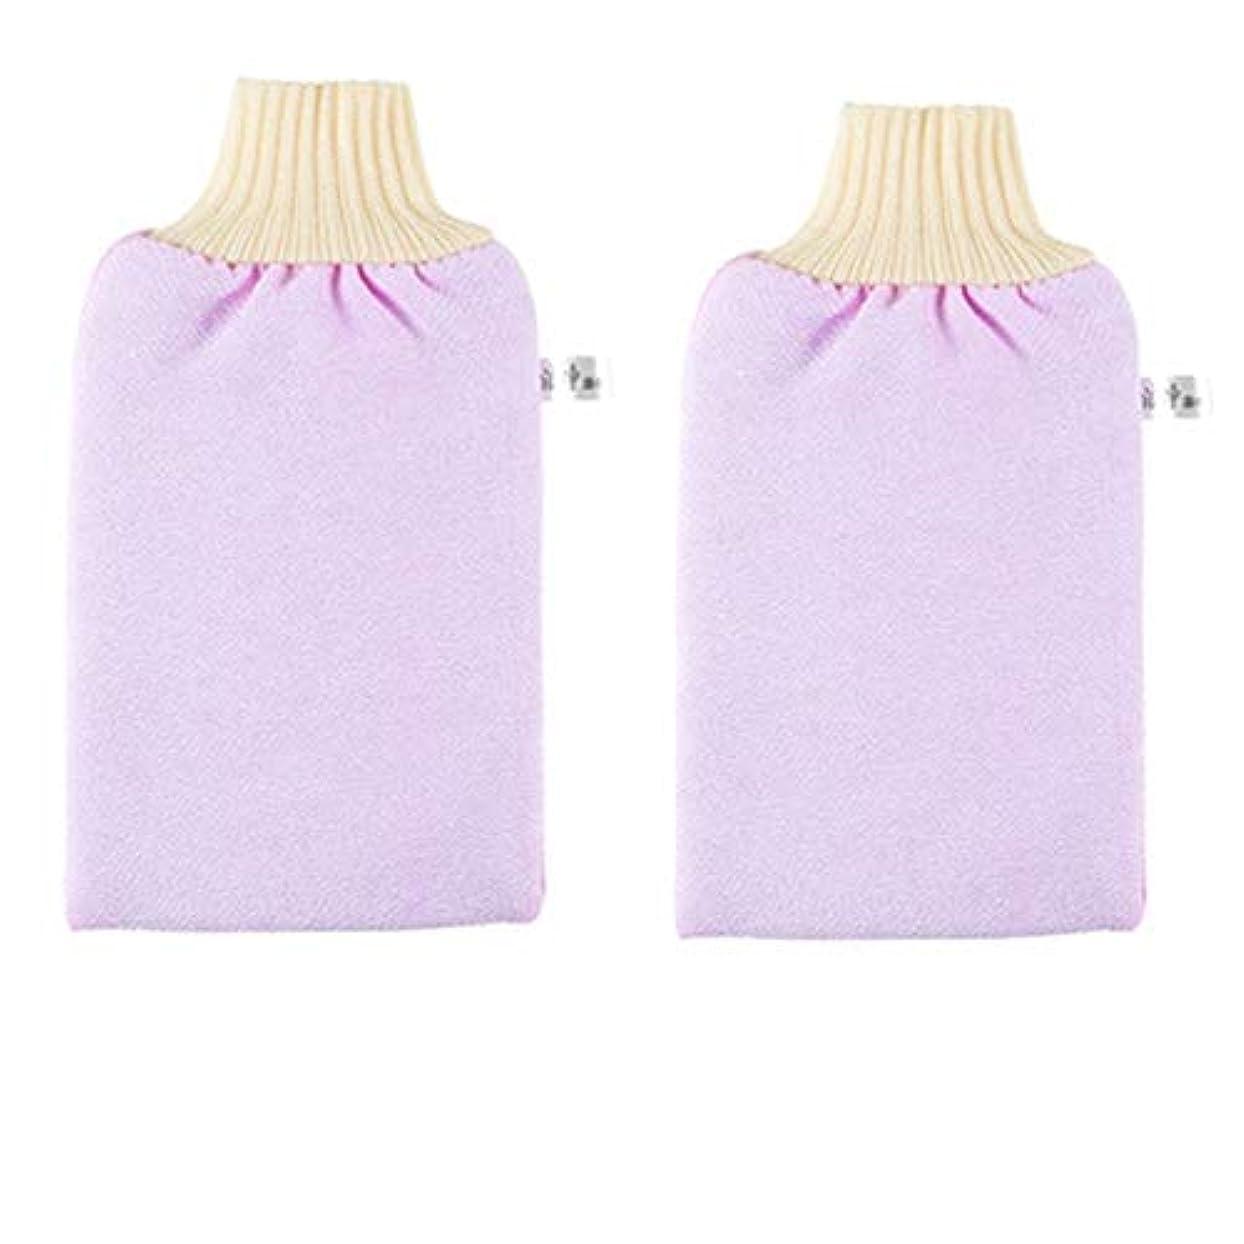 目指す財産ストローBTXXYJP お風呂用手袋 シャワー手袋 あかすり ボディブラシ やわらか ボディタオル 角質除去 (Color : Pink-2 packs)